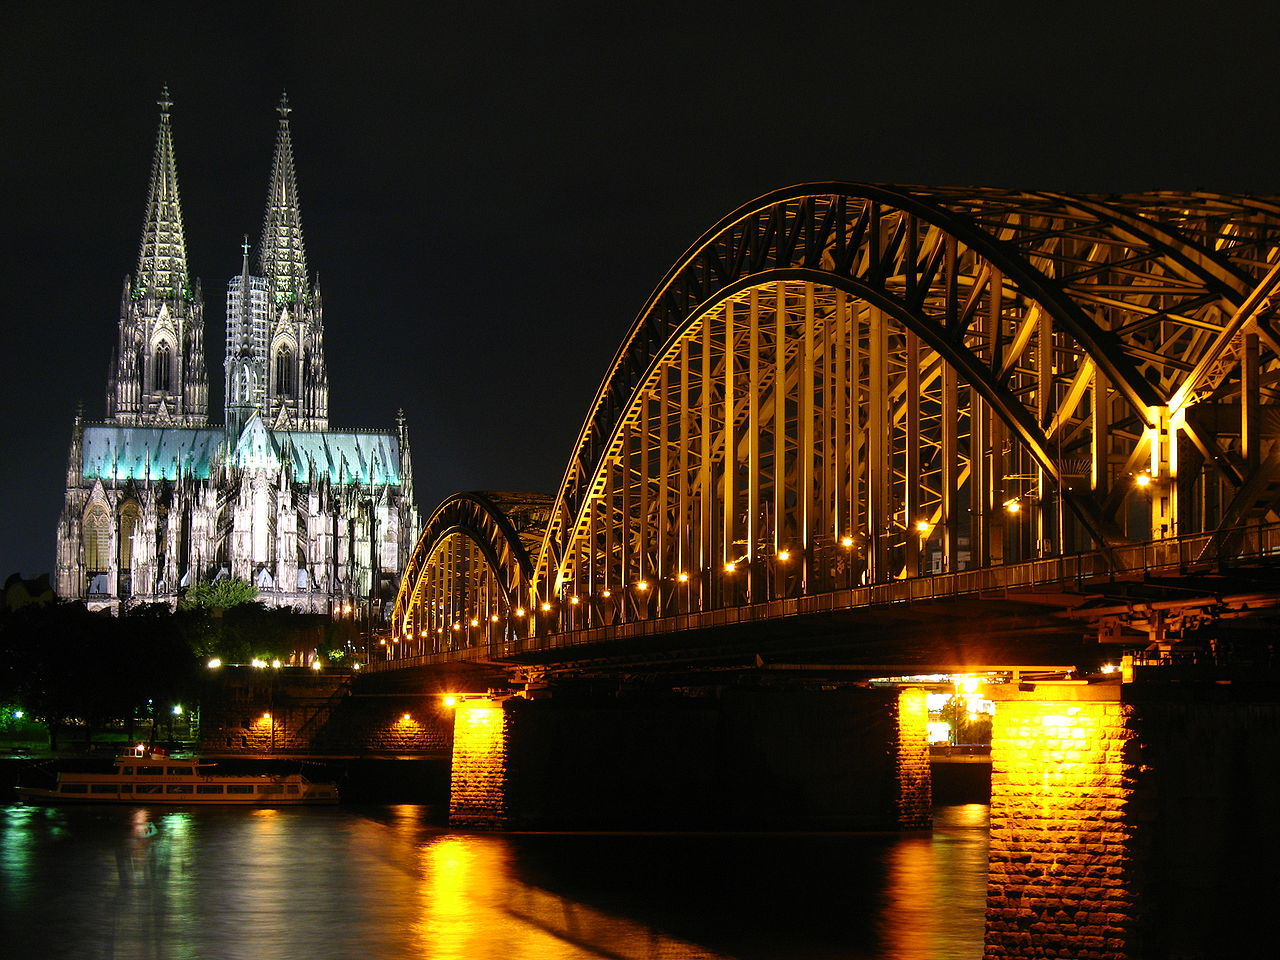 Lugares Turísticos de Colonia